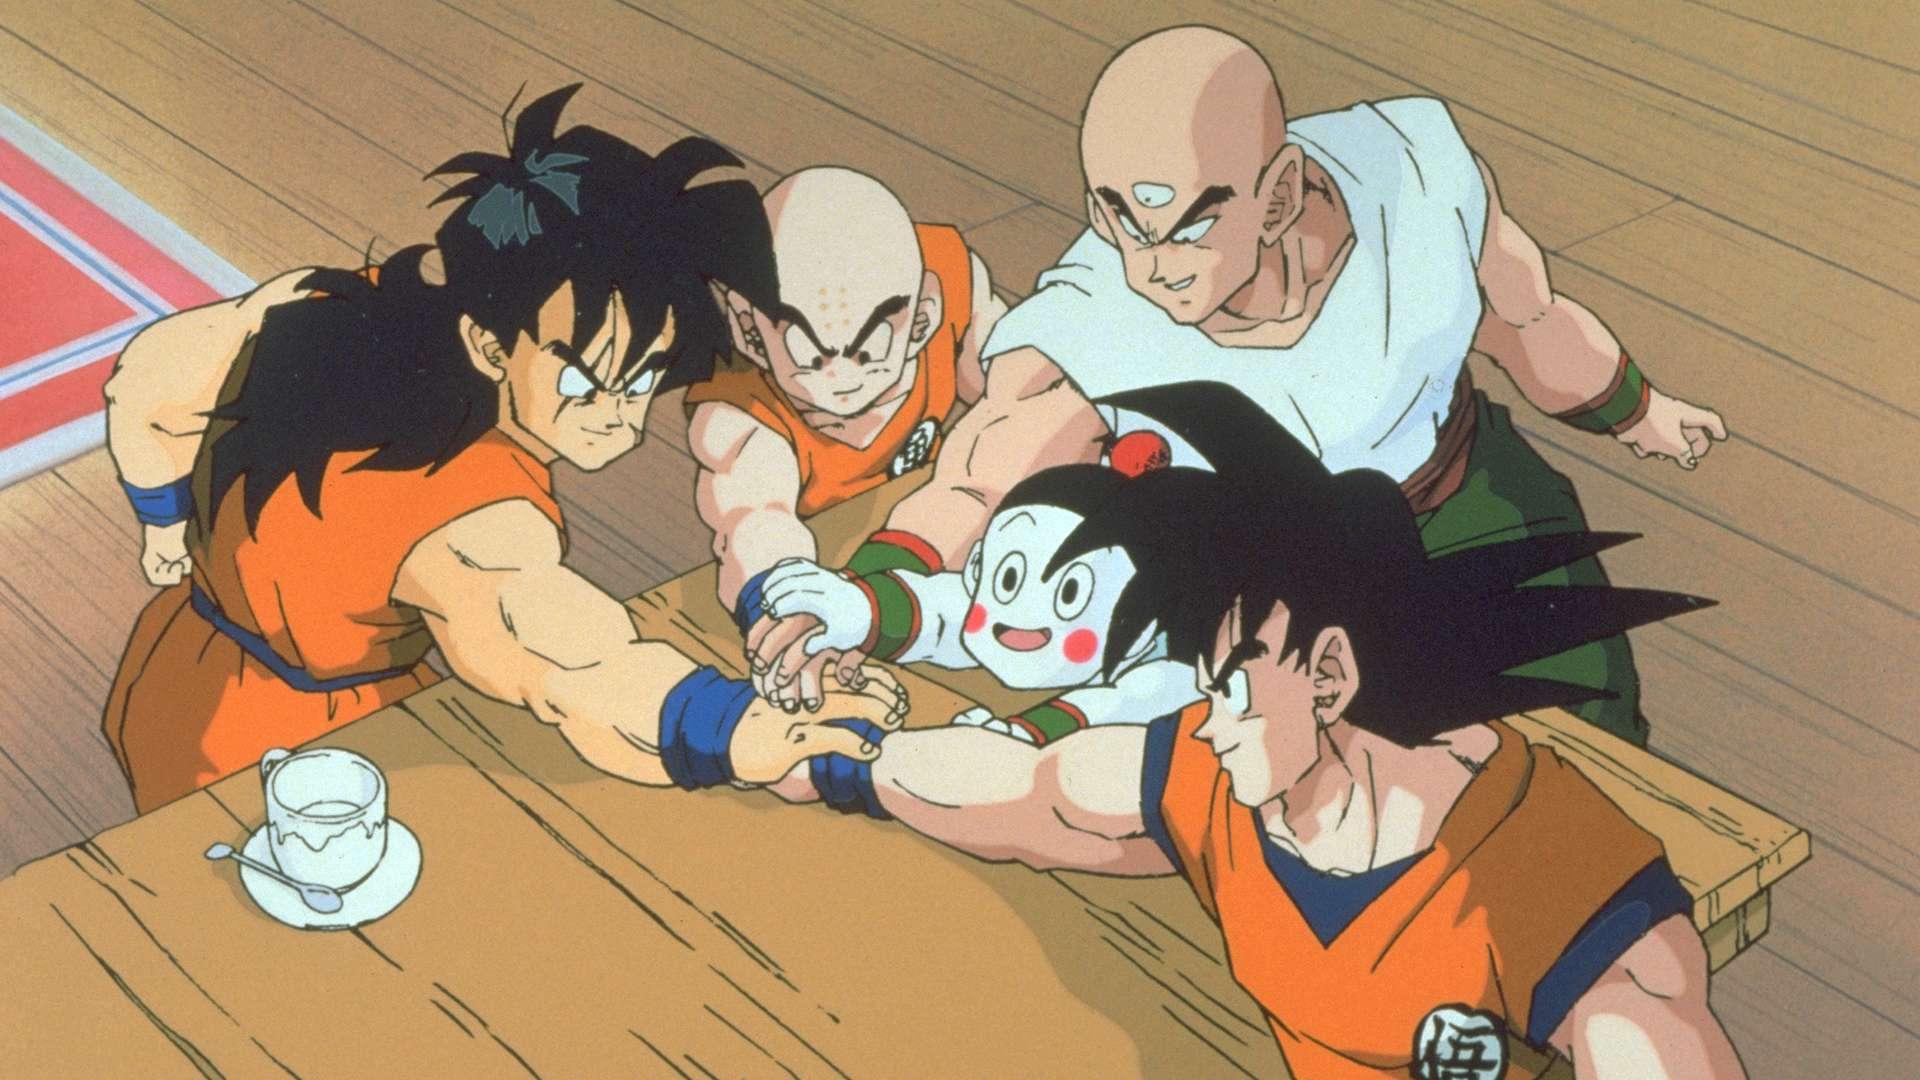 劇場版 ドラゴンボールZ 地球まるごと超決戦